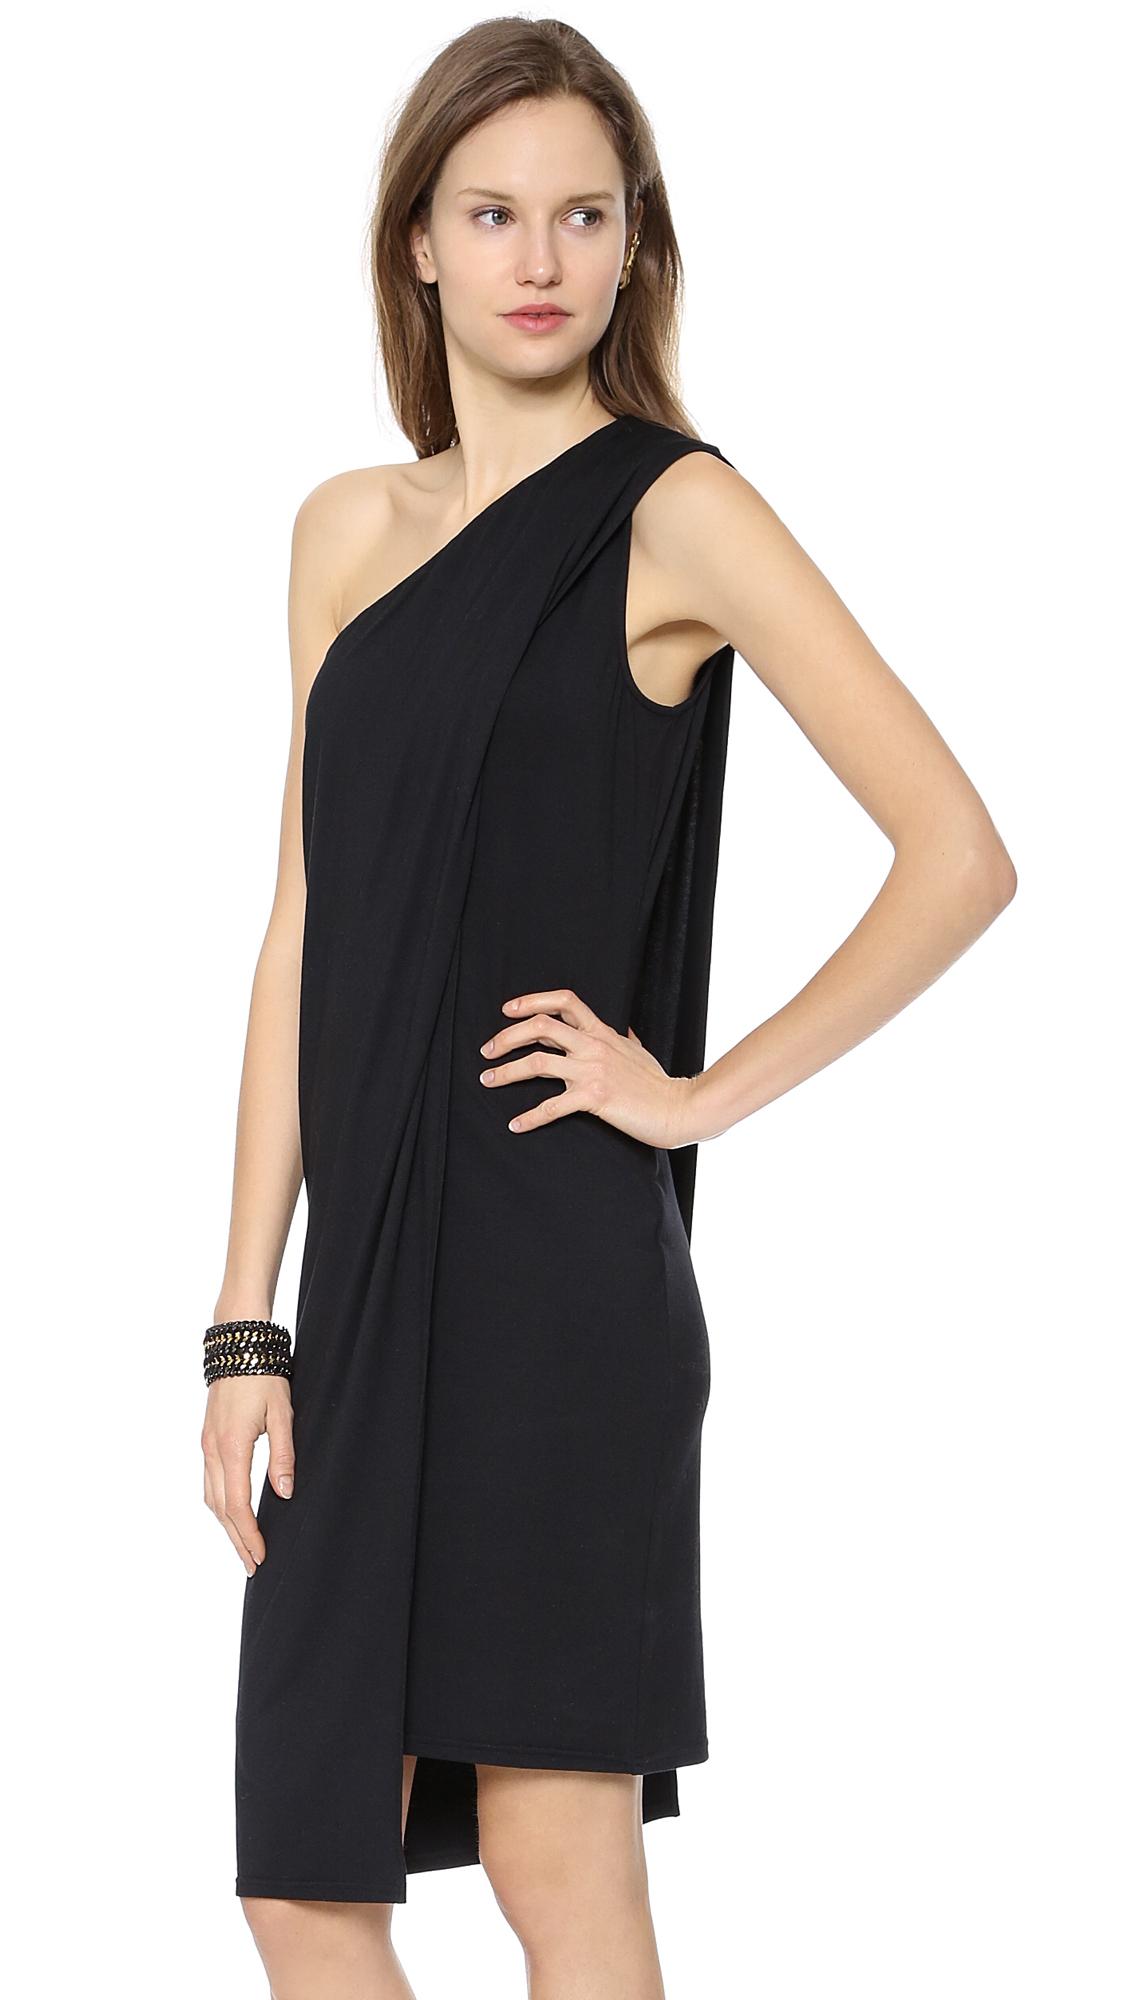 coctail dresses Athens